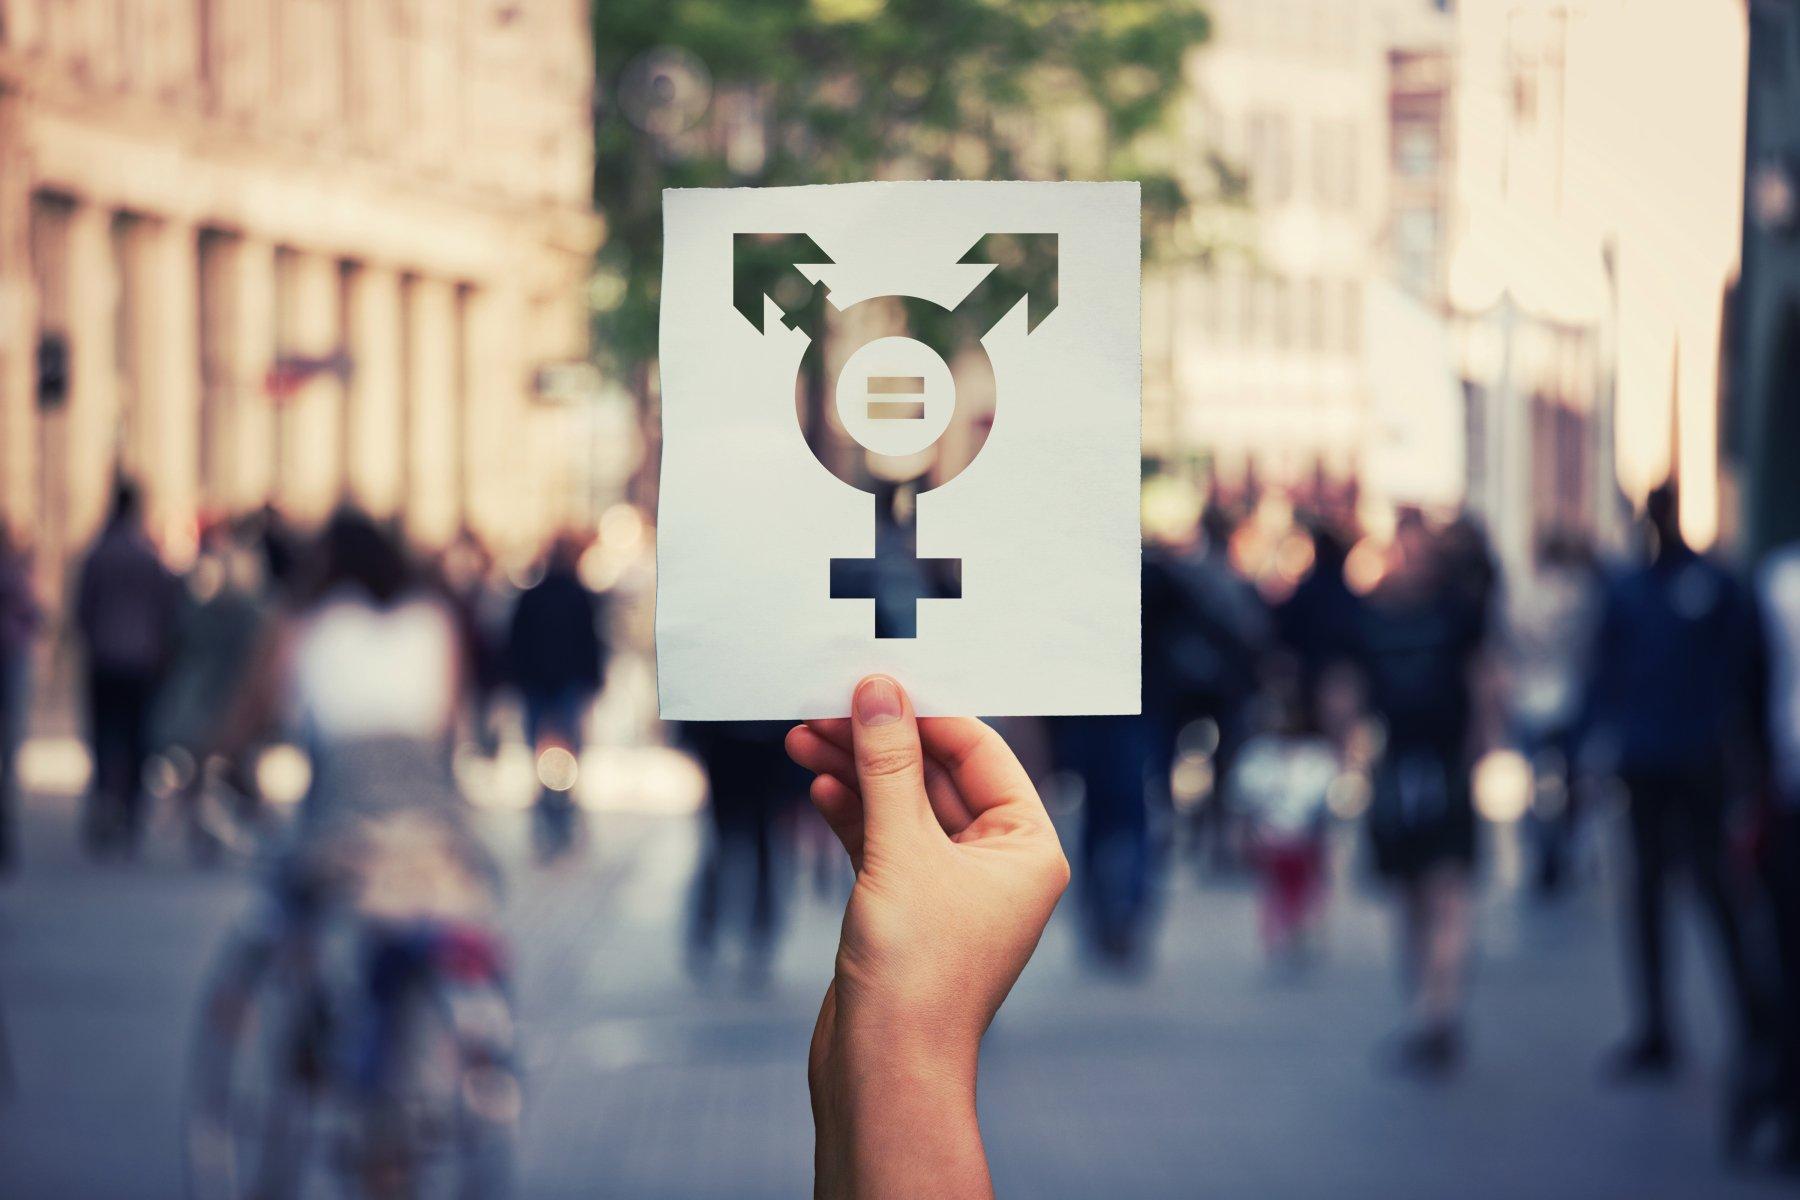 Psiquiatra alerta que crianças são usadas como 'experimento' em transição de gênero